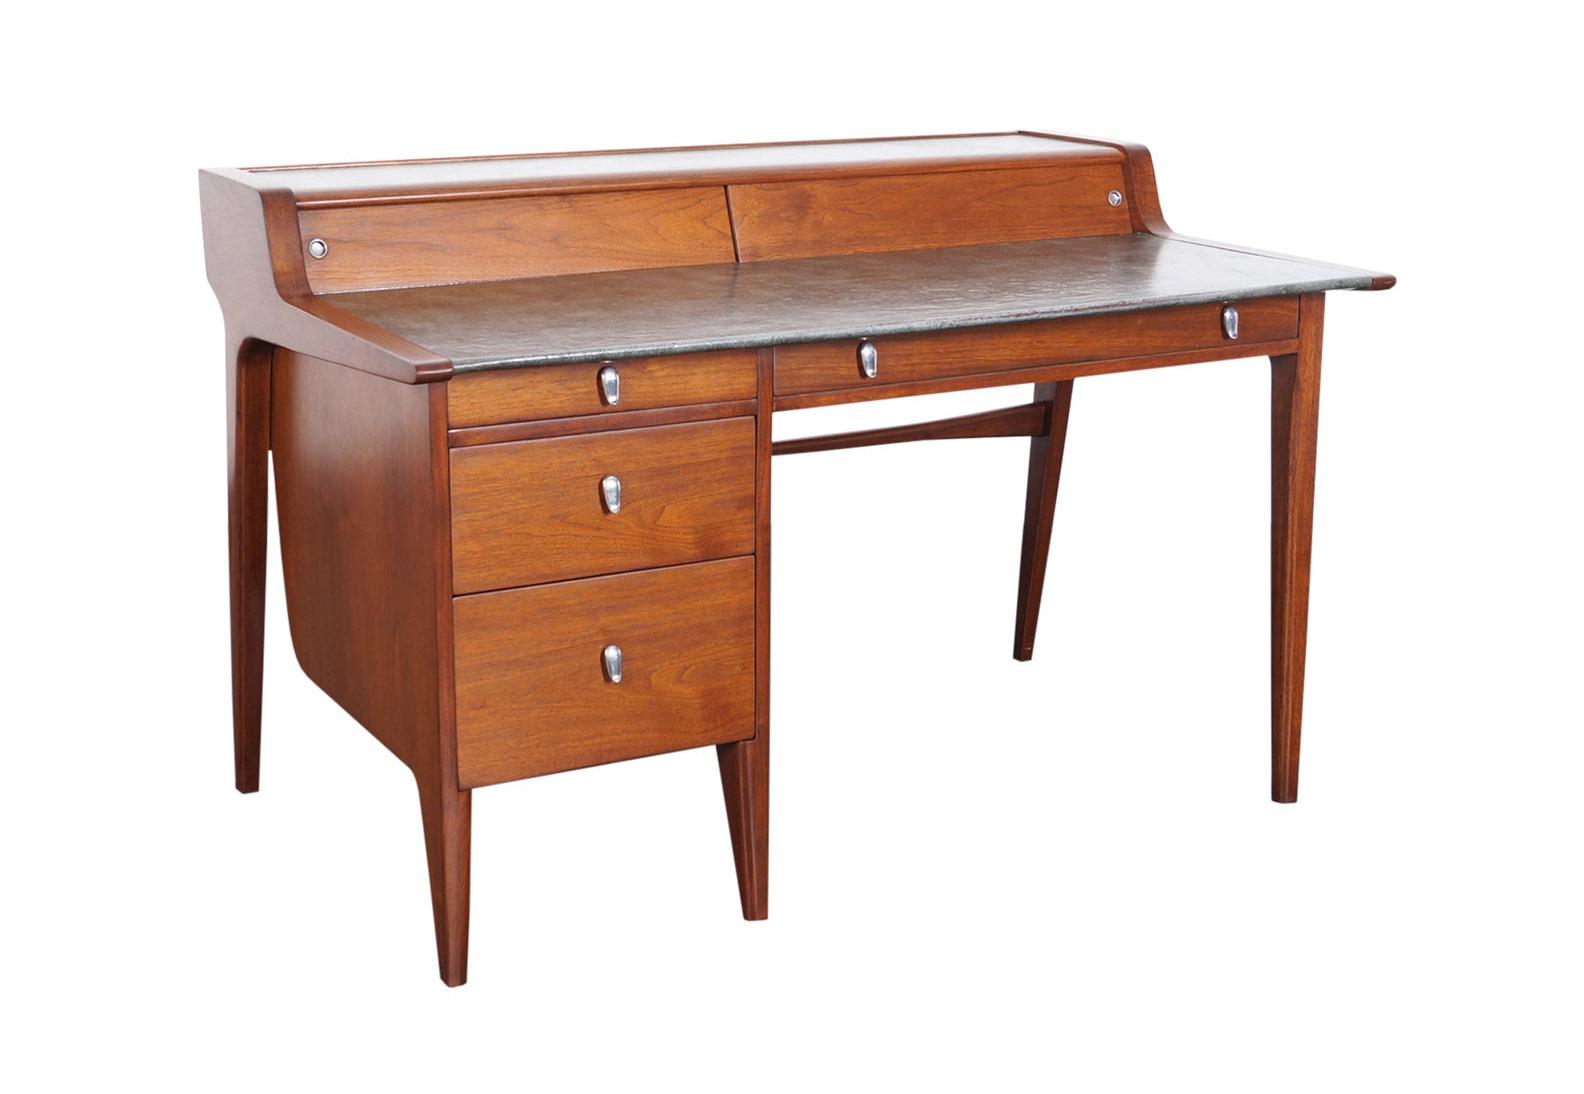 Vintage Drexel Desk by John Van Koert